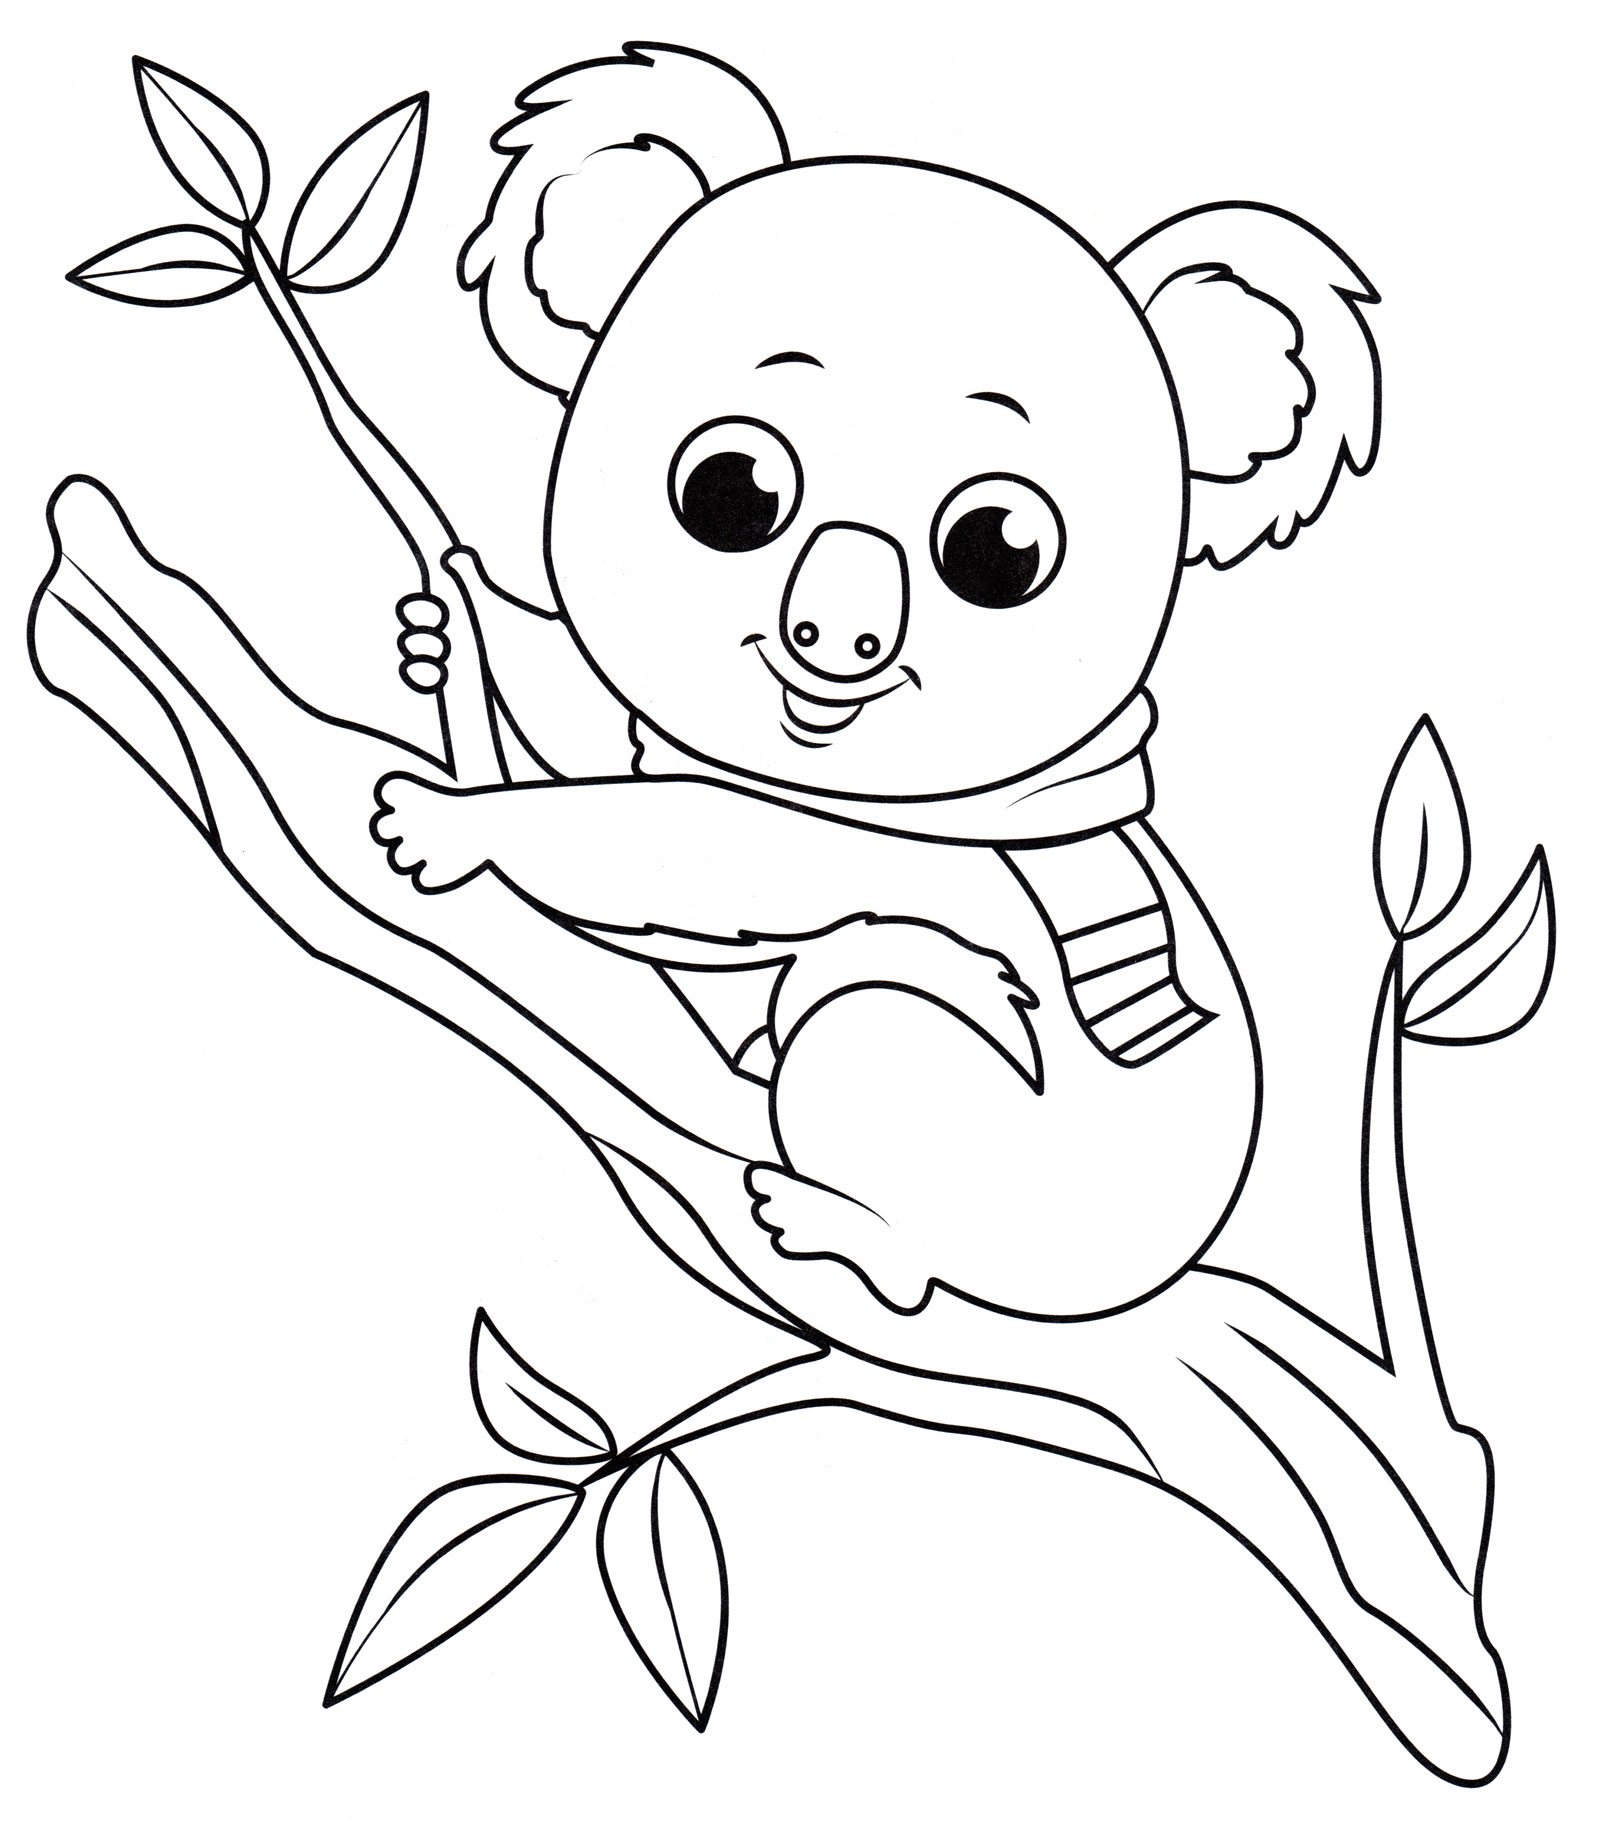 Раскраска Коала на дереве - распечатать бесплатно